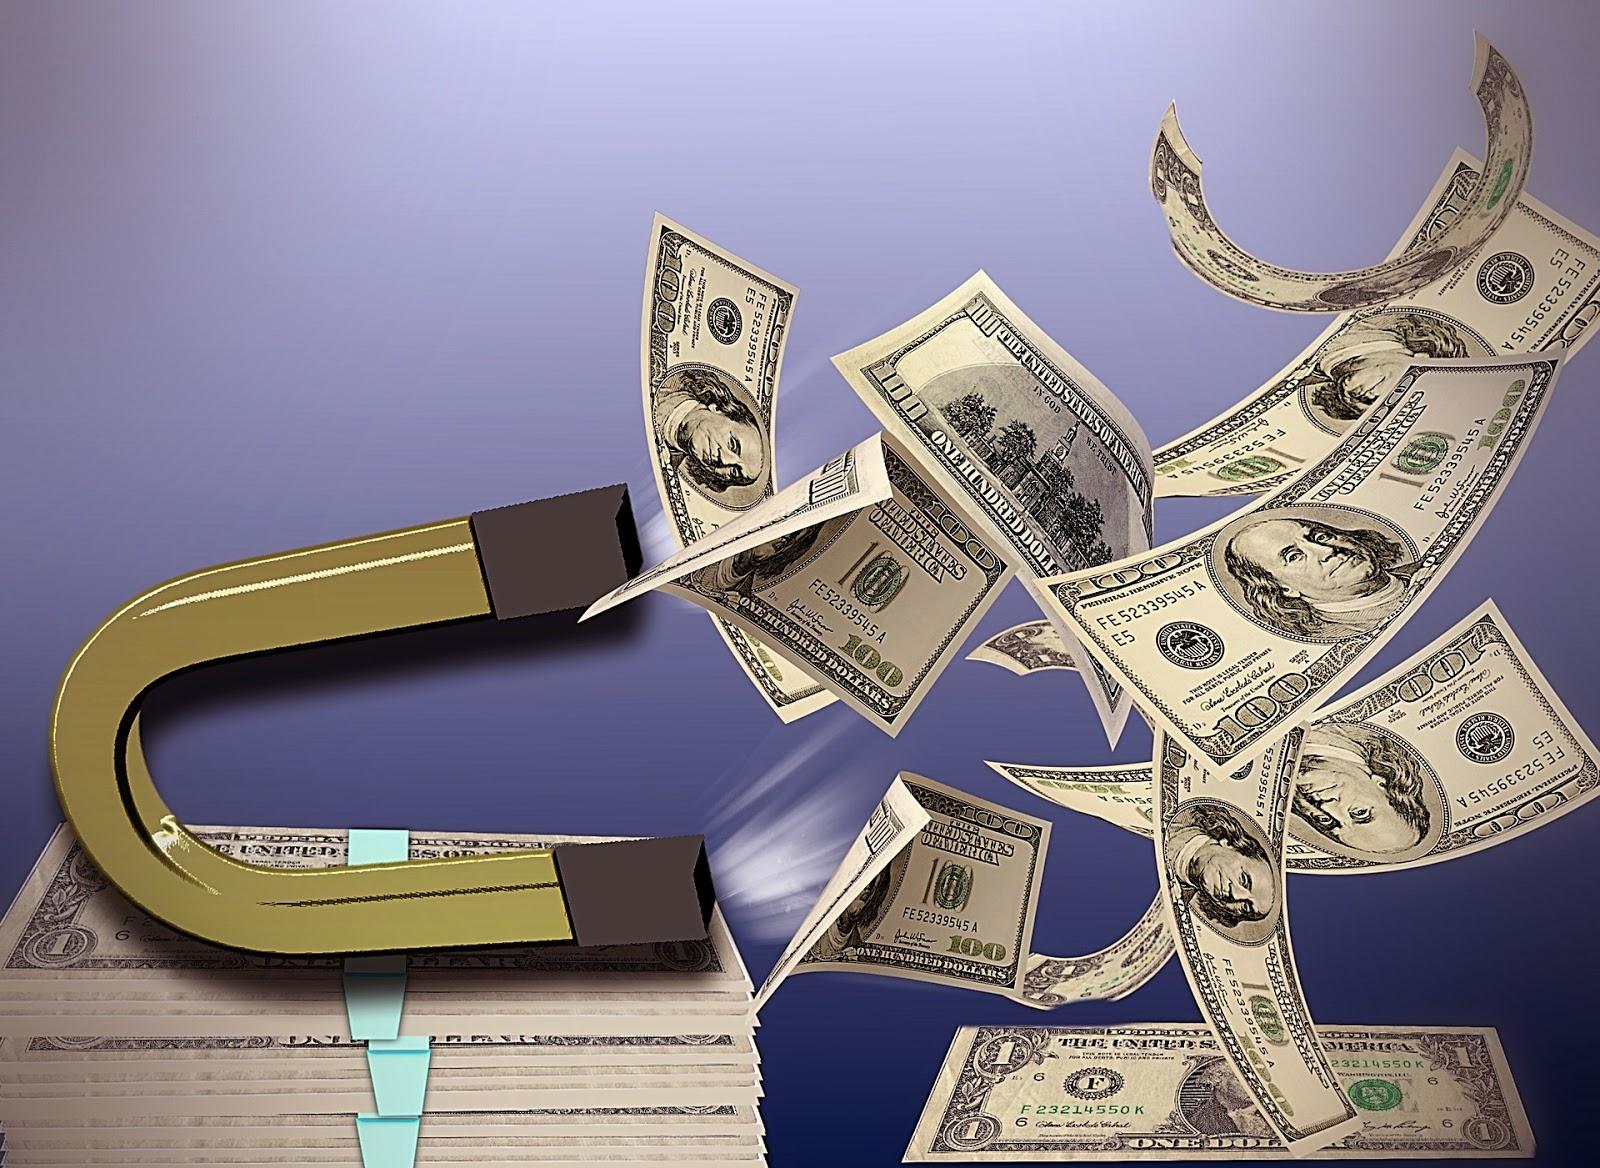 Favoriser La Chance comment attirer la chance, l'amour et l'argent ?